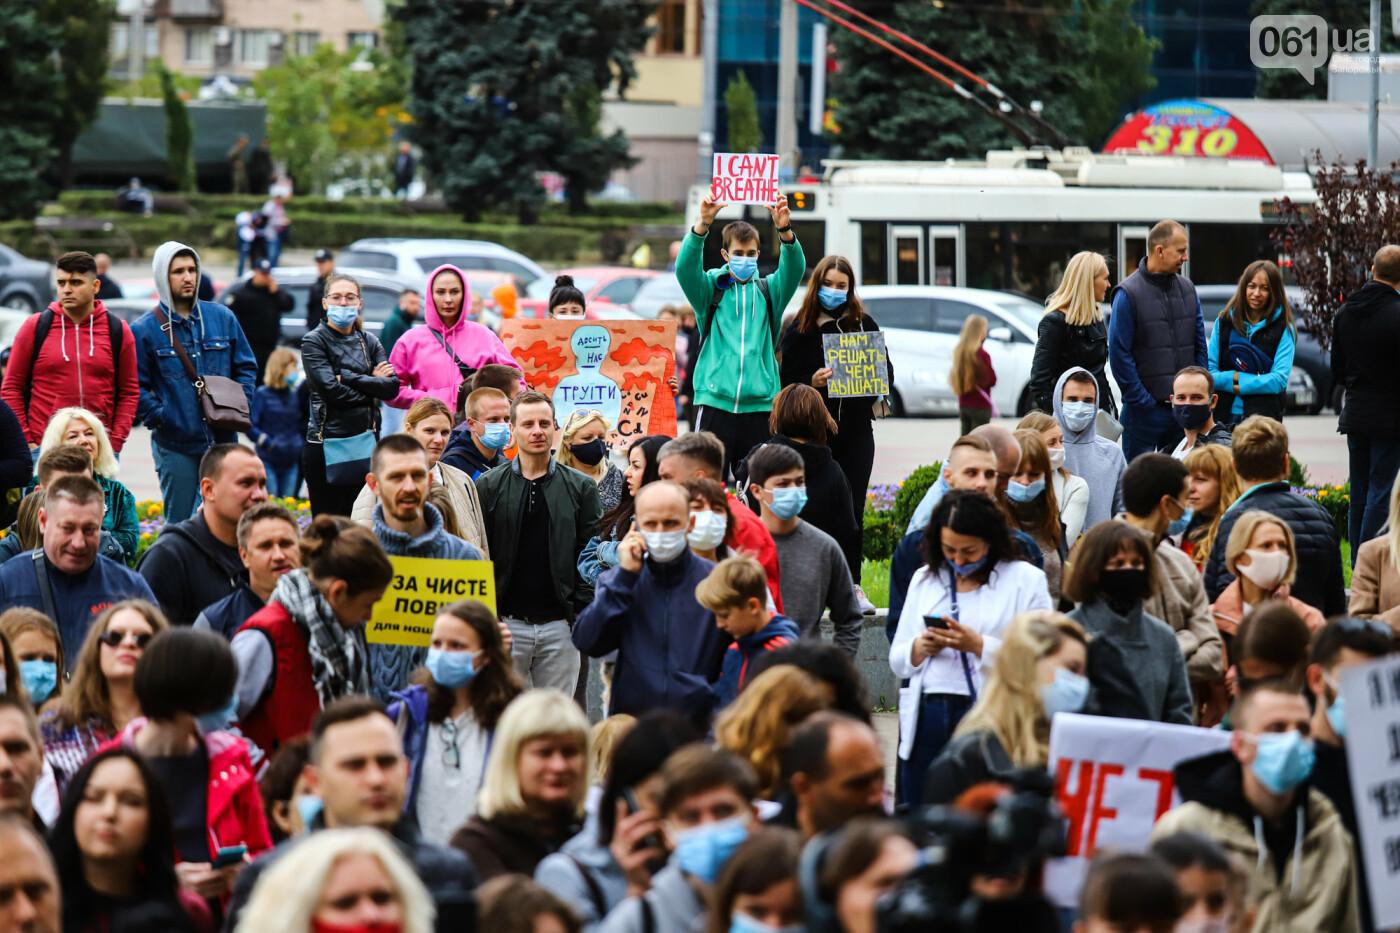 Маю право дихати: тысячи запорожцев вышли на экологический митинг, ФОТО, ВИДЕО, фото-55